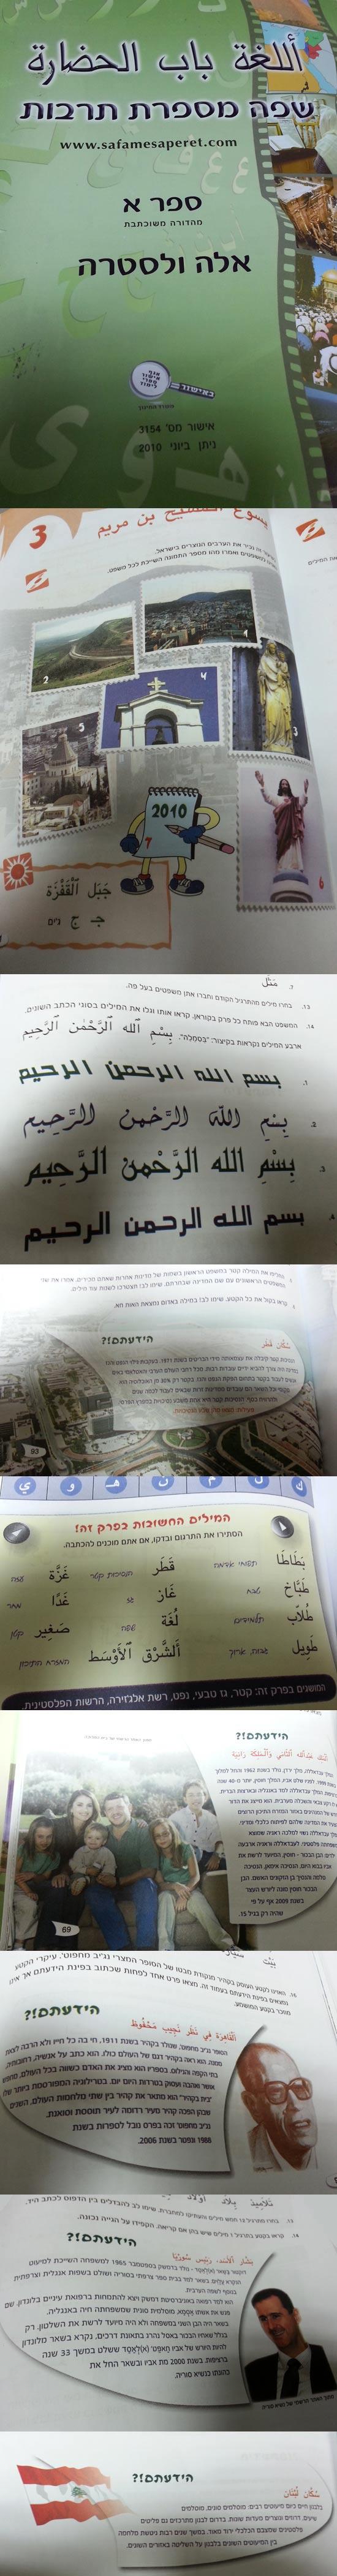 ספר לימוד לשפה הערבית / צילום: מתוך הספר